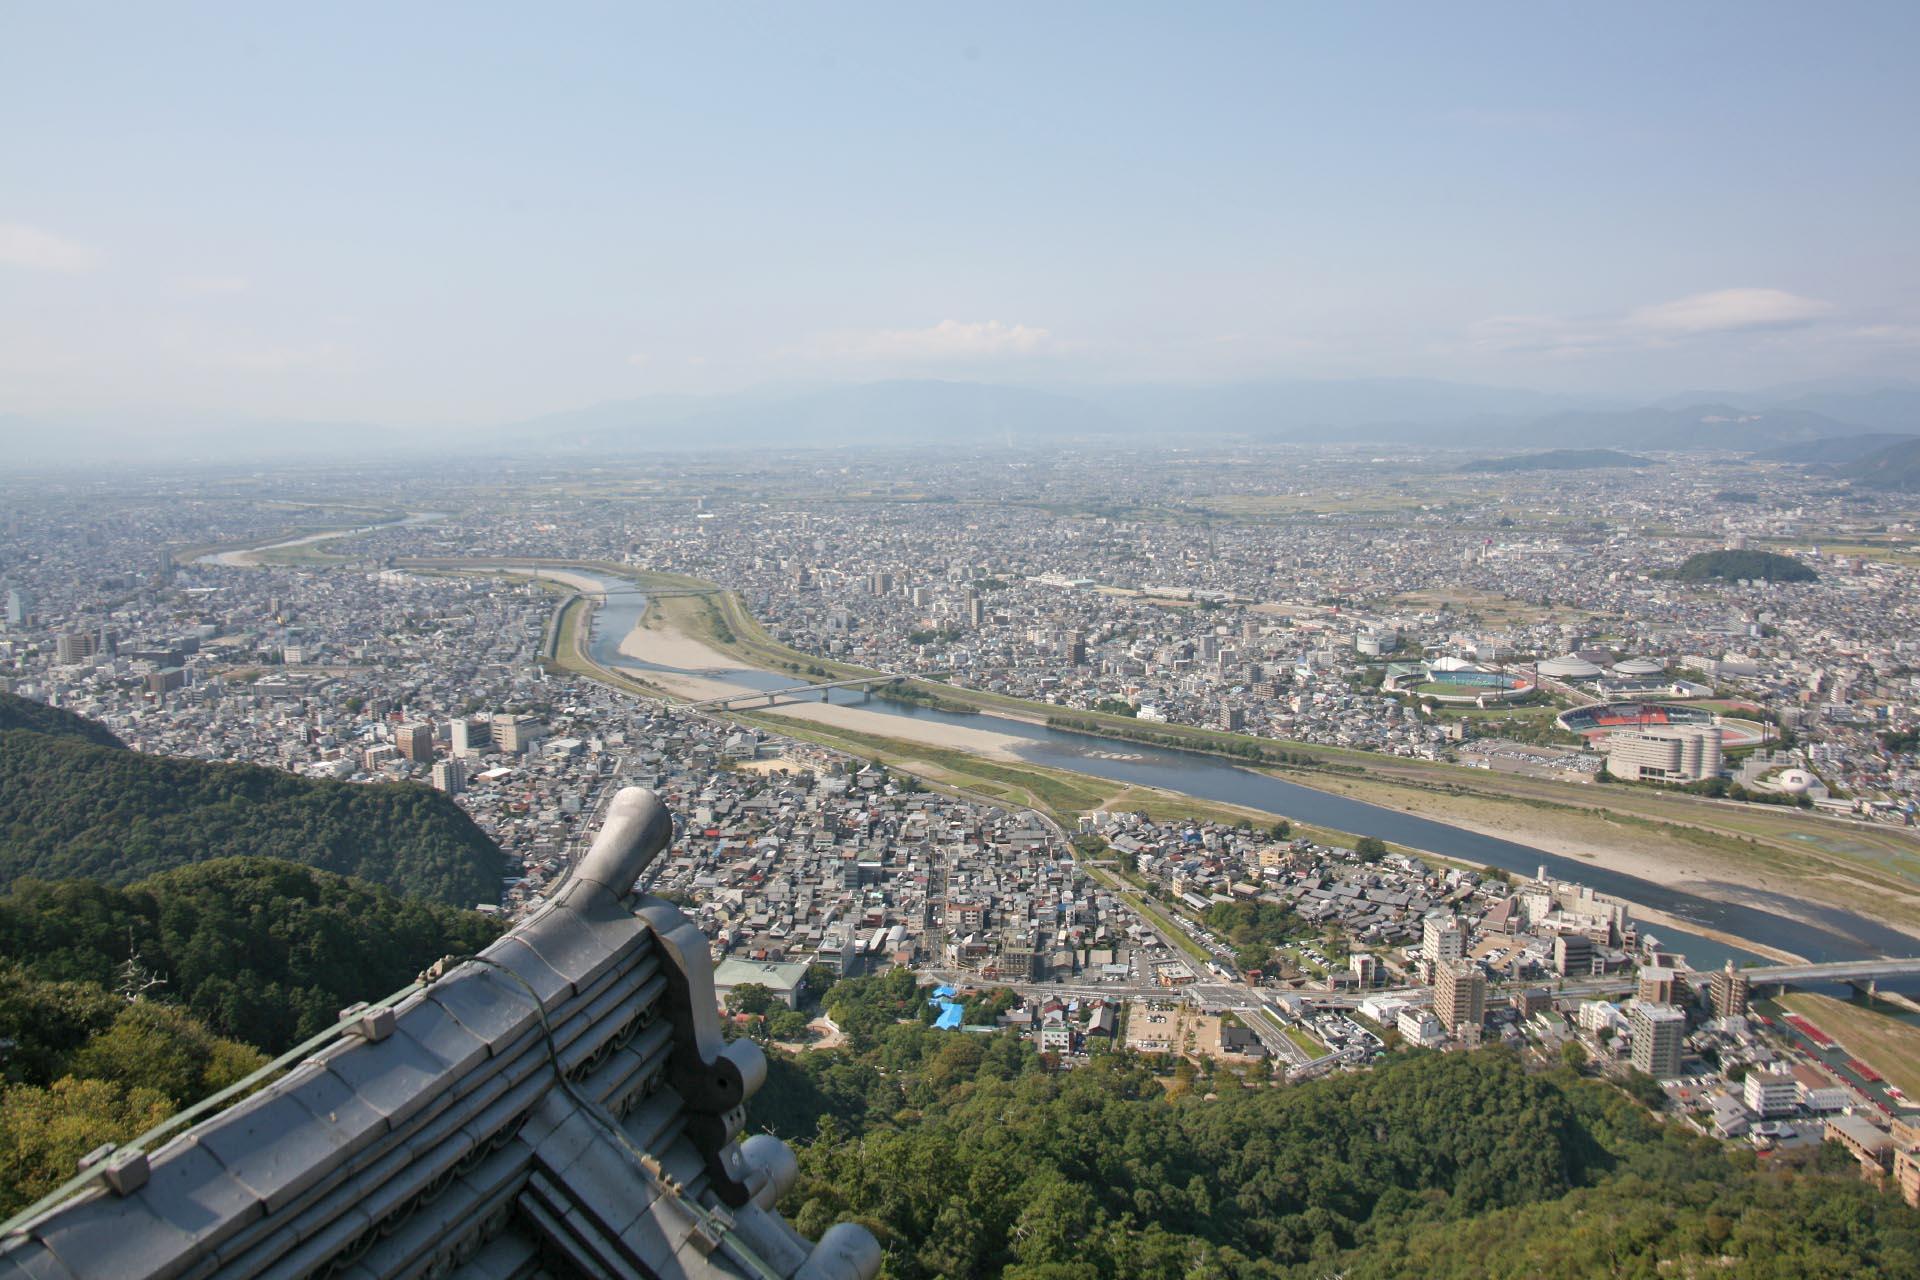 岐阜城から眺める岐阜の街並み 岐阜の風景